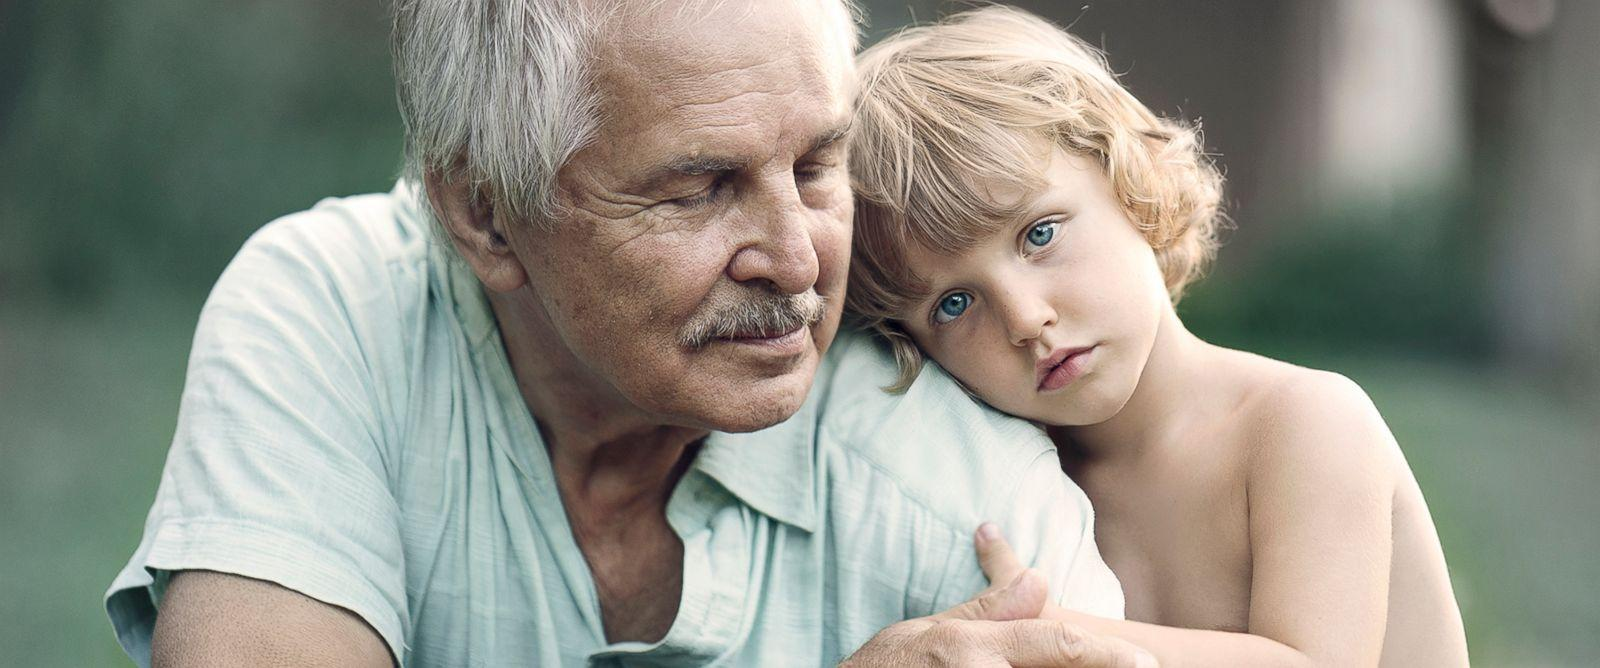 Фотограф делает цепляющие за душу снимки встречи двух поколений